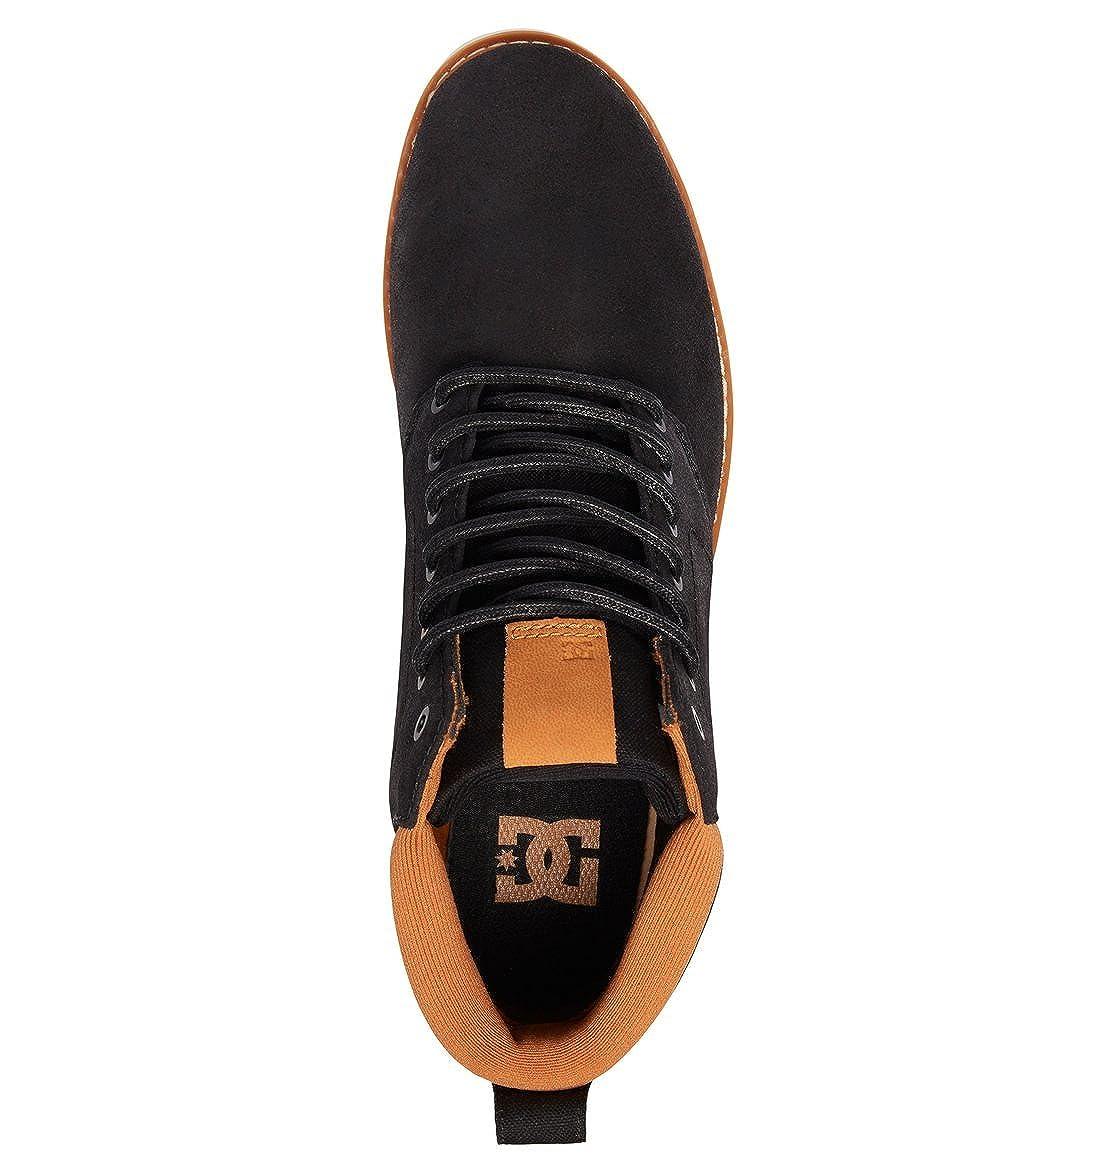 DC Shoes Mason - Winterstiefel für Männer ADYB700011  DC Shoes  Amazon.de   Schuhe   Handtaschen 3a14020406